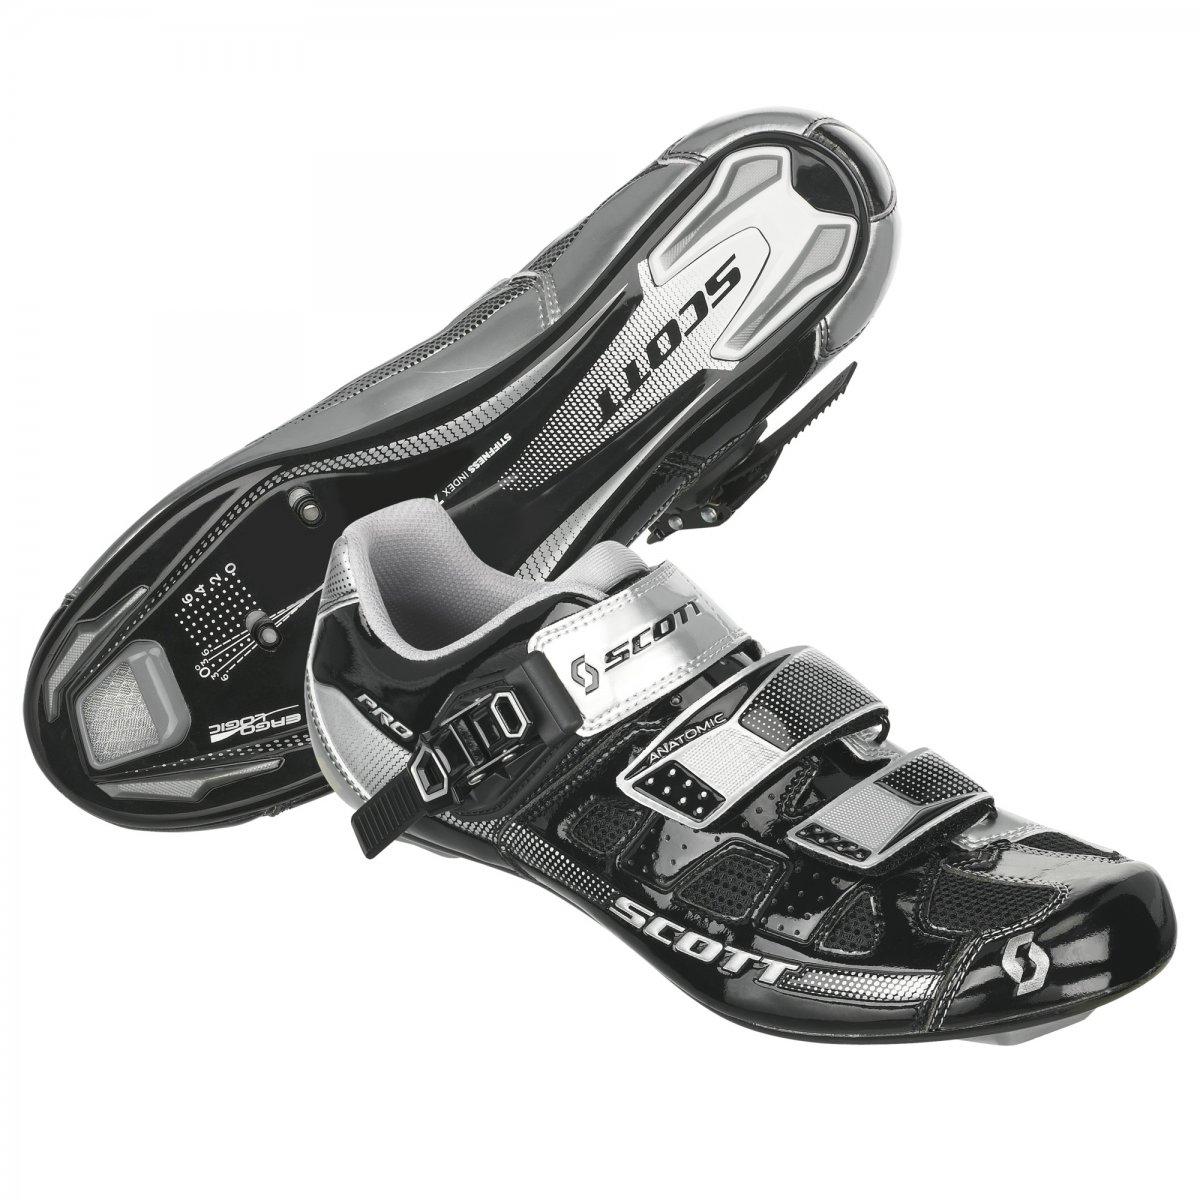 Scott Road Pro Shoe Black/Silver